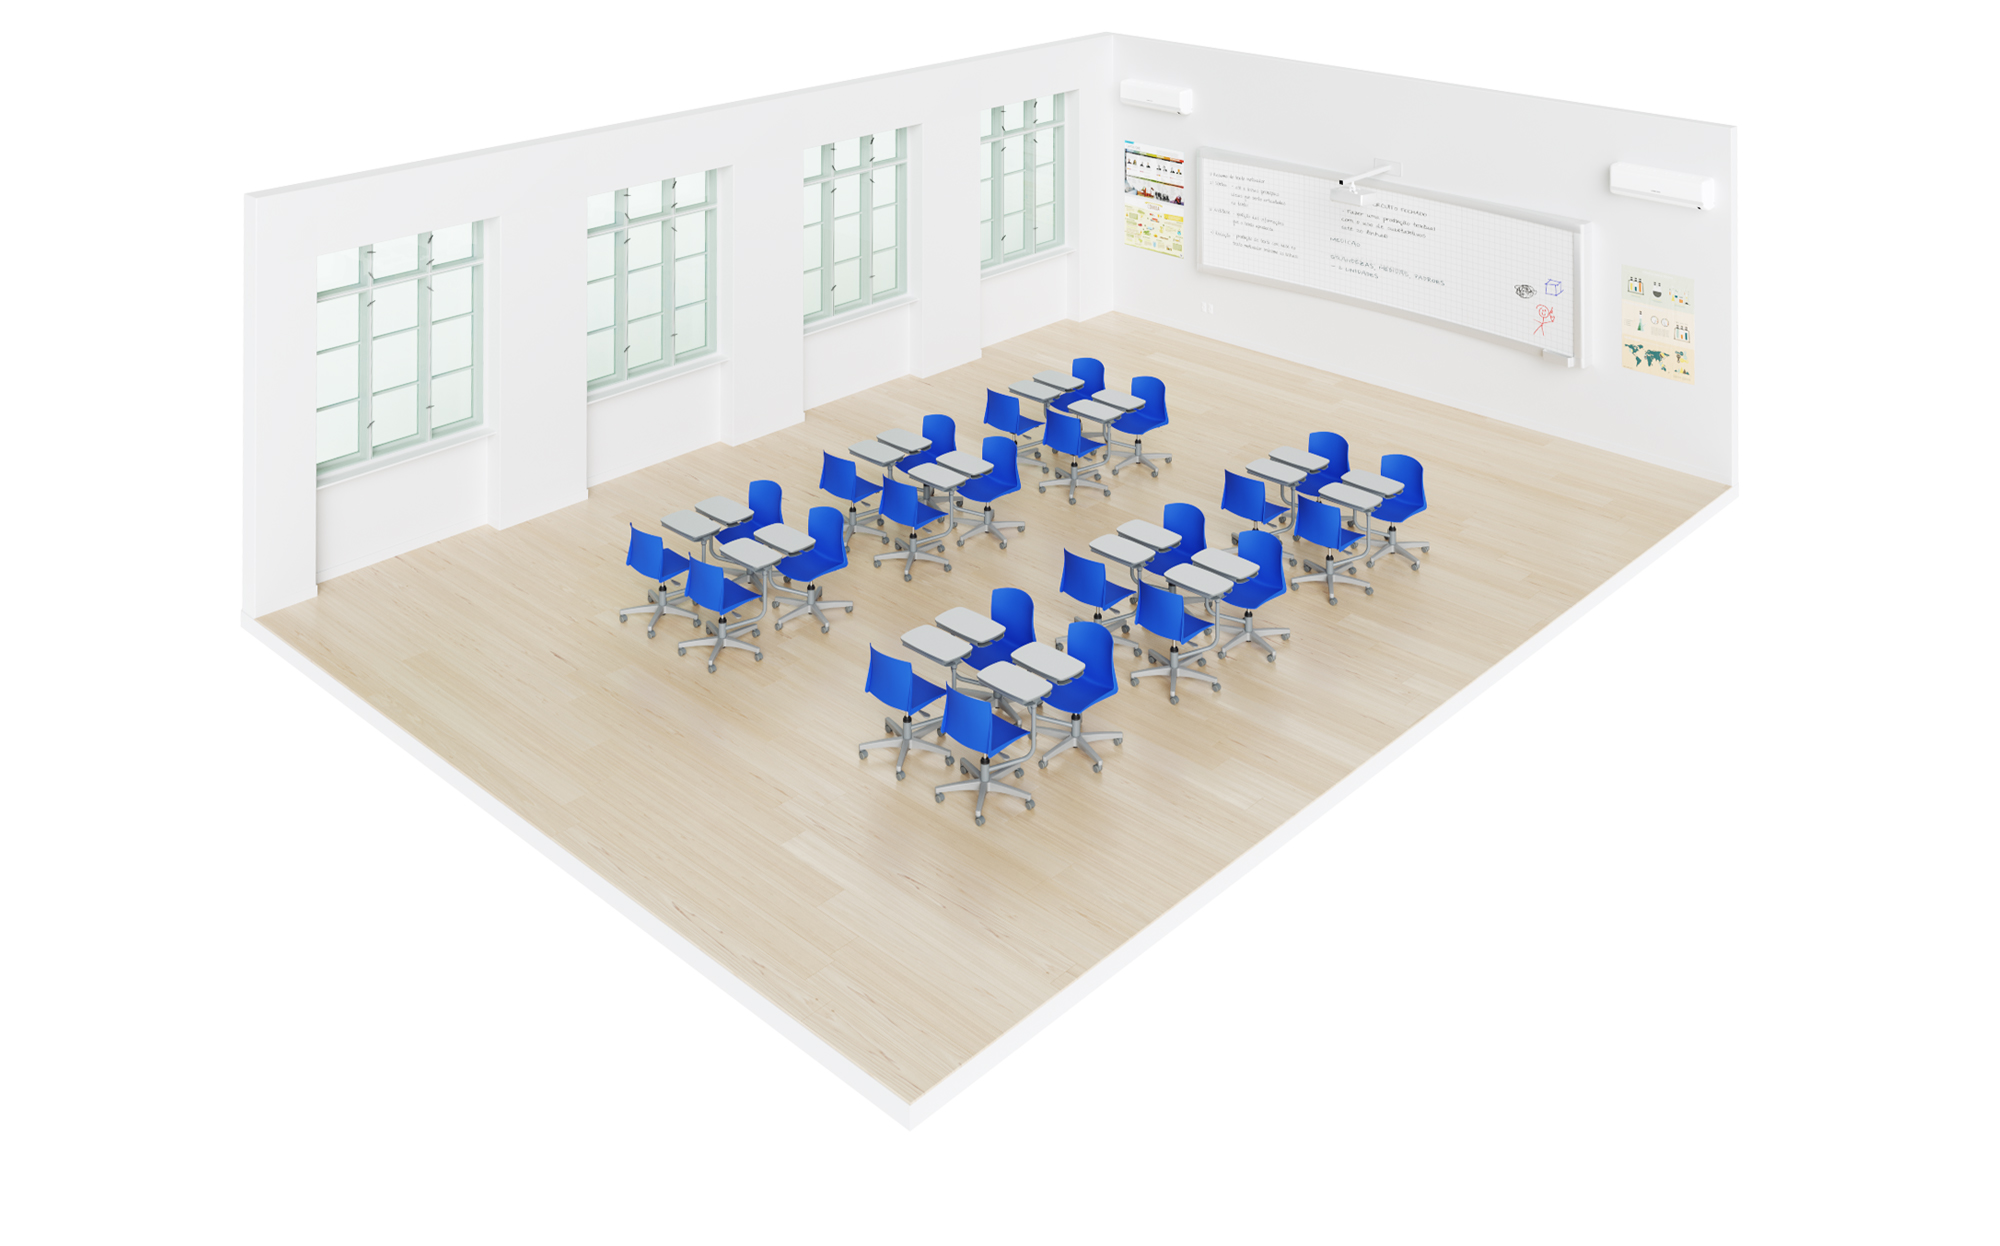 sala de aula com carteiras universitárias flex pro em grupos de quatro